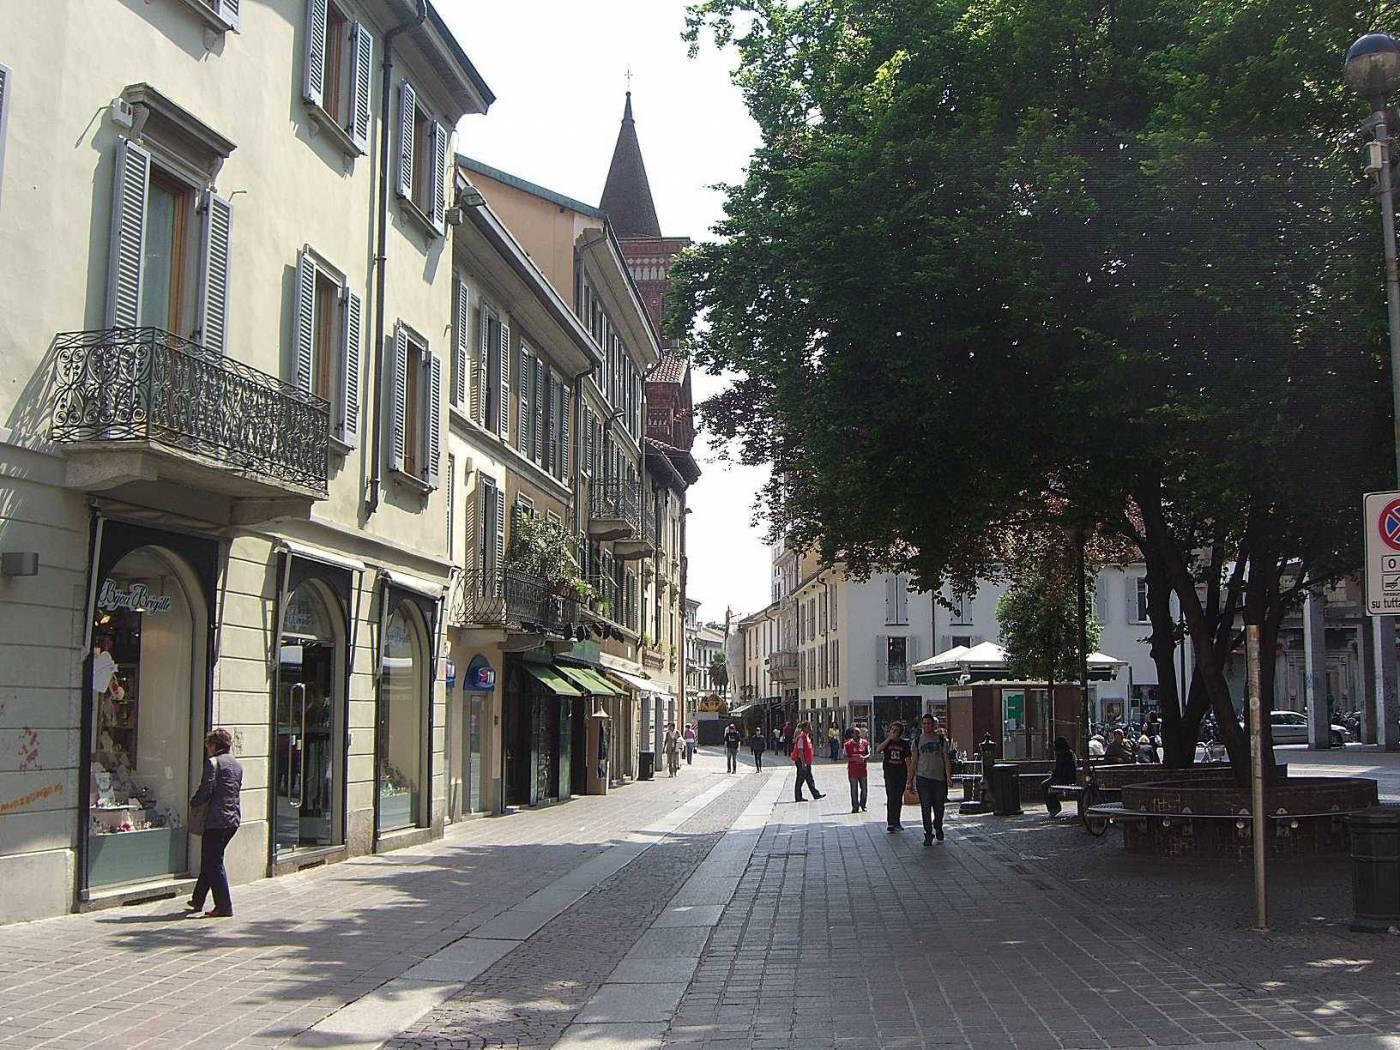 Foto 3 - Attività Abbigliamento in Vendita - Monza, Zona Centro Storico